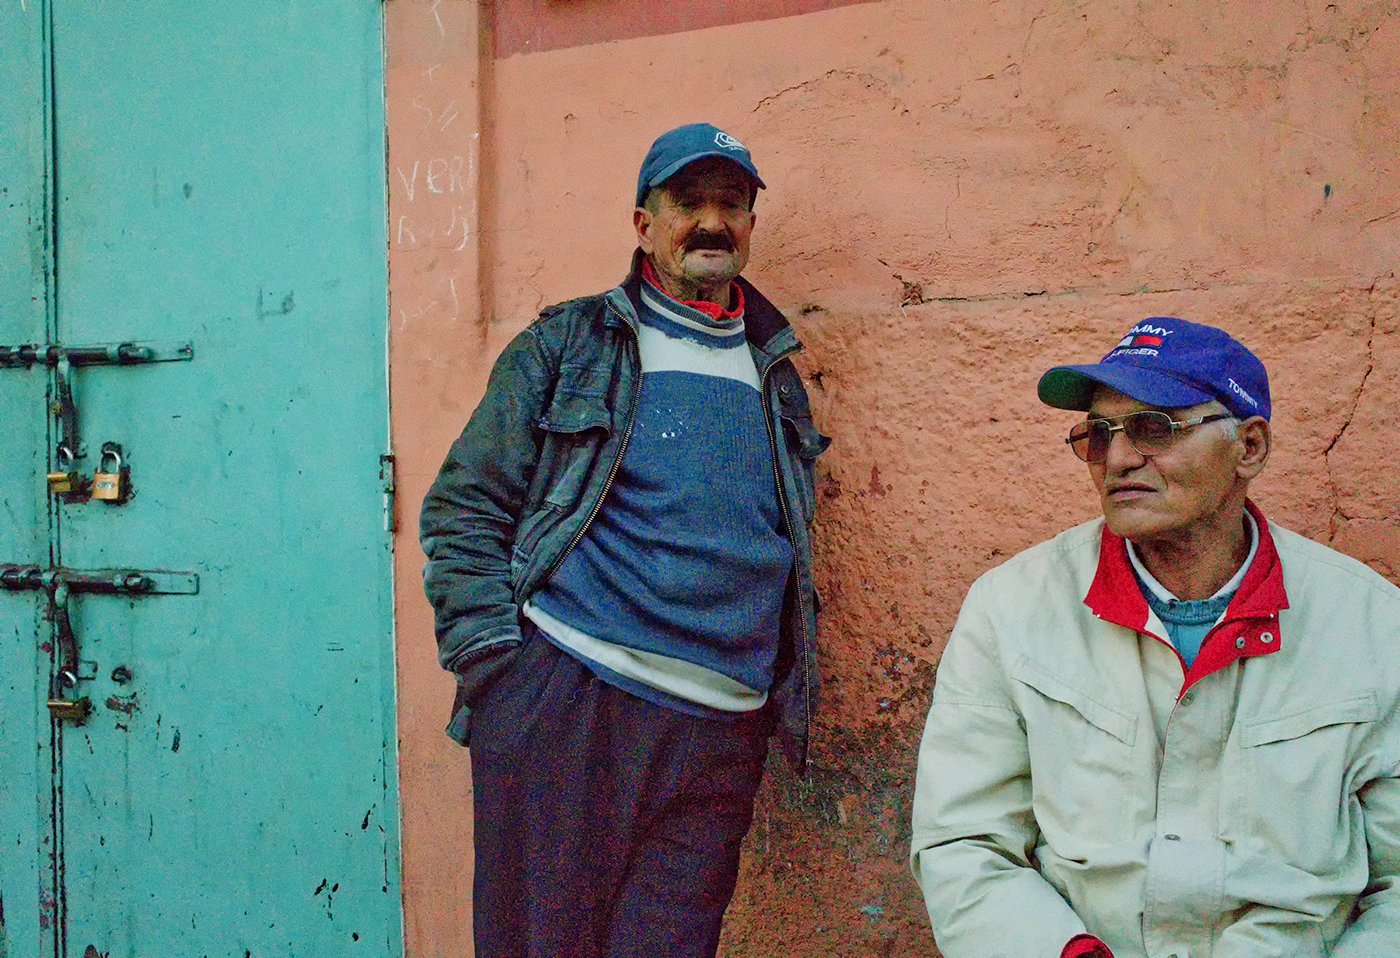 Dockhands - Essaouira